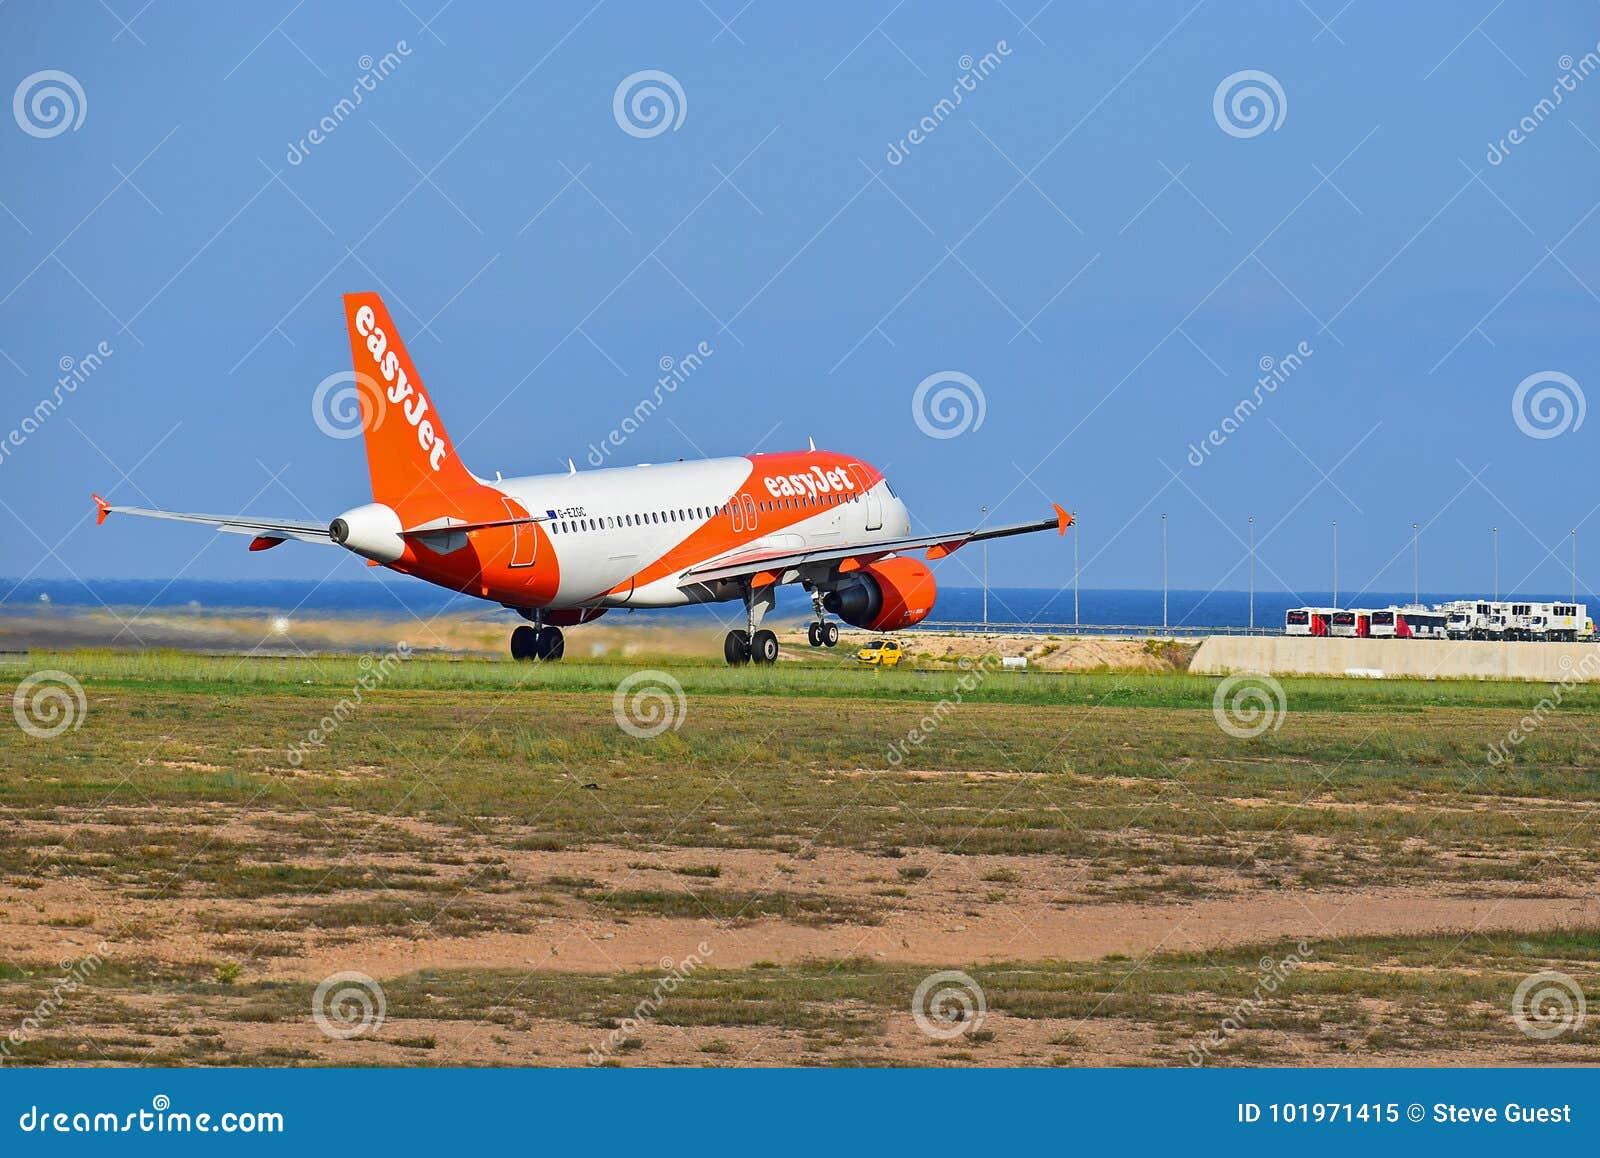 flights to alicante spain easyjet